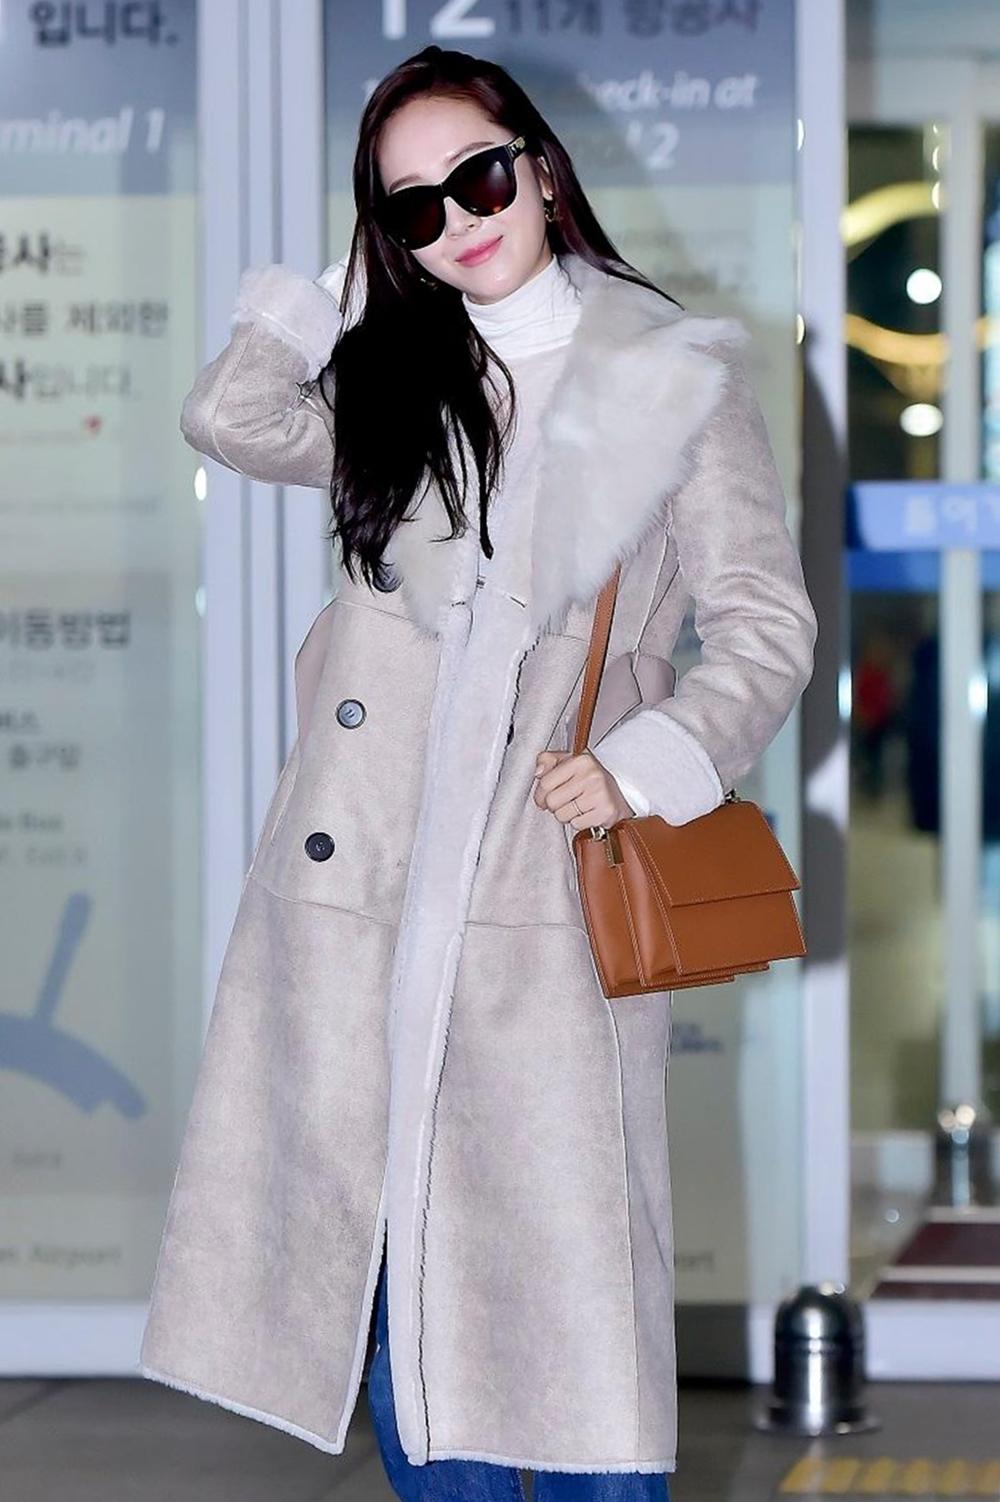 Jessica Jung sinh năm 1989, có 7,2 triệu lượt theo dõi. Nhờ vẻ ngoài lạnh lùng và thân hình chuẩn, cô trở thành một trong những thần tượng đắt show chụp hình tạp chí nhất Hàn Quốc. Jessica còn là biểu tượng thời trang quyến rũ. Cũng giống G-Dragon, phong cách của ca sĩ được nhiều cô gái trẻ học theo. Sau khi rời nhóm, cô tập trung kinh doanh thời trang và phát triển sự nghiệp solo.